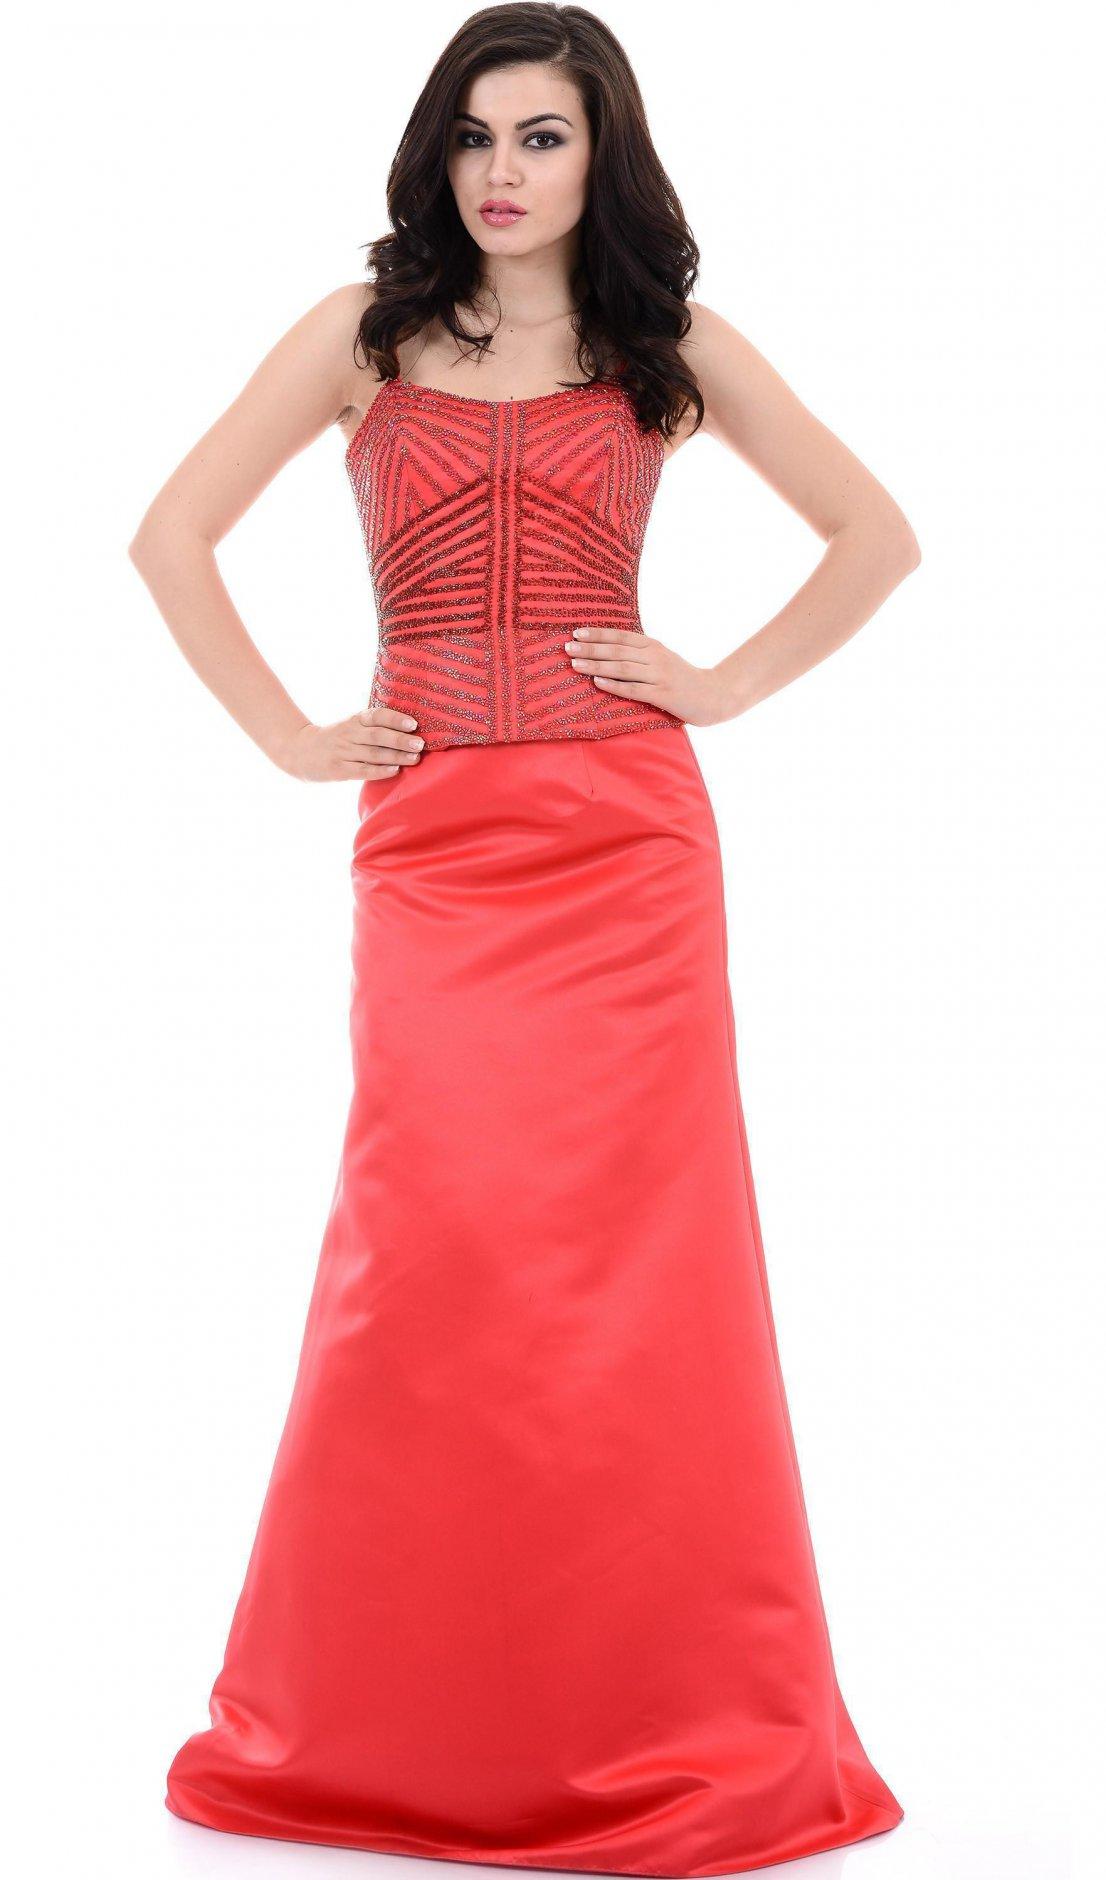 fcae00f27f8 Красивое вечернее платье красного цвета без рукавов Красивое вечернее  платье красного цвета без рукавов ...